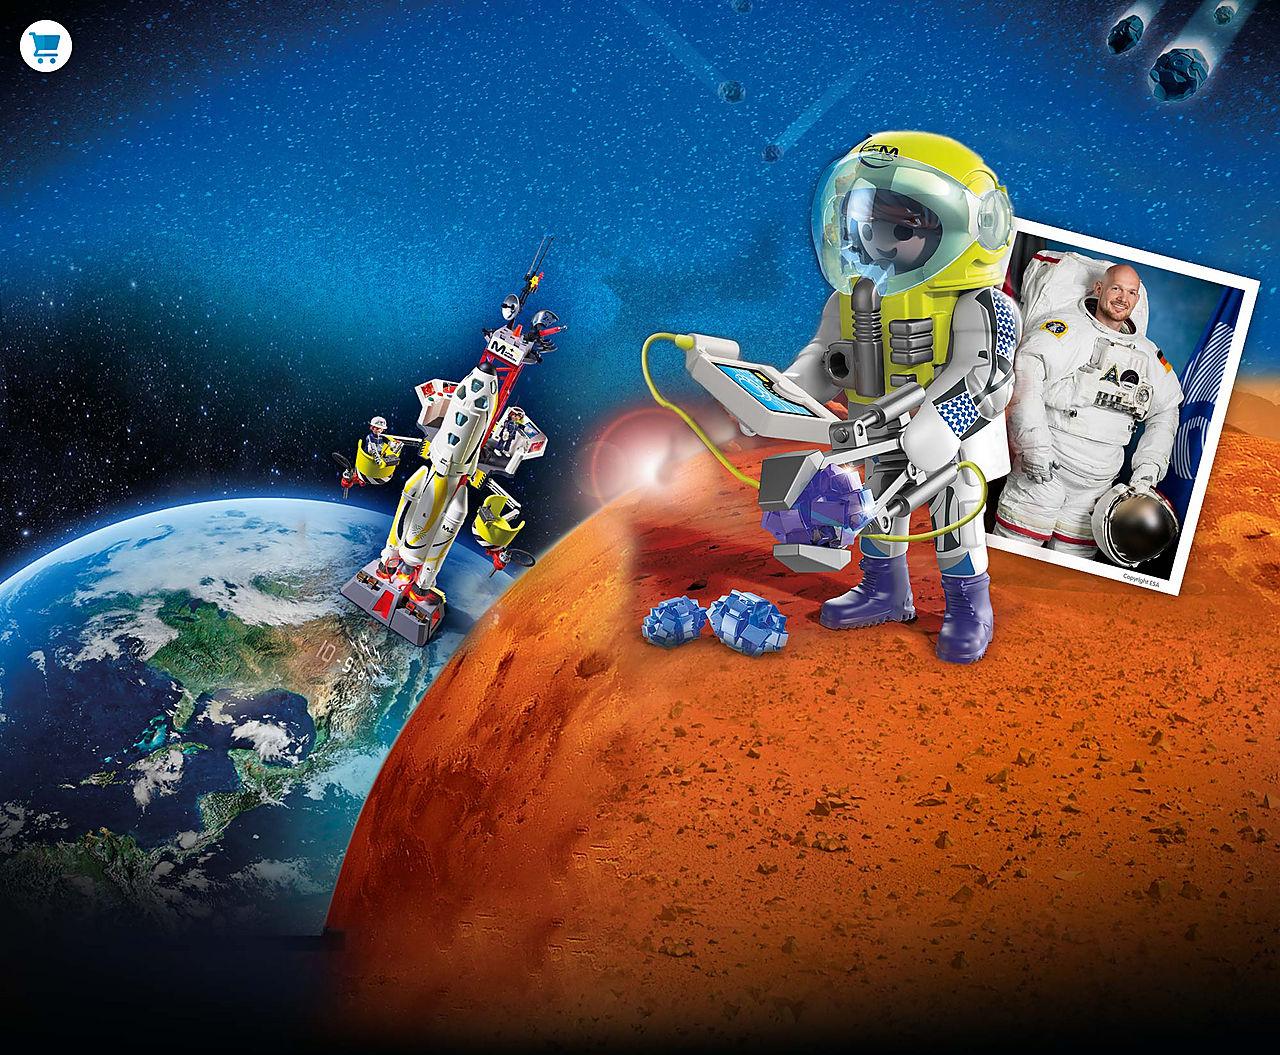 SHOP_SPACE_MARS_MISSION_2018_2X2